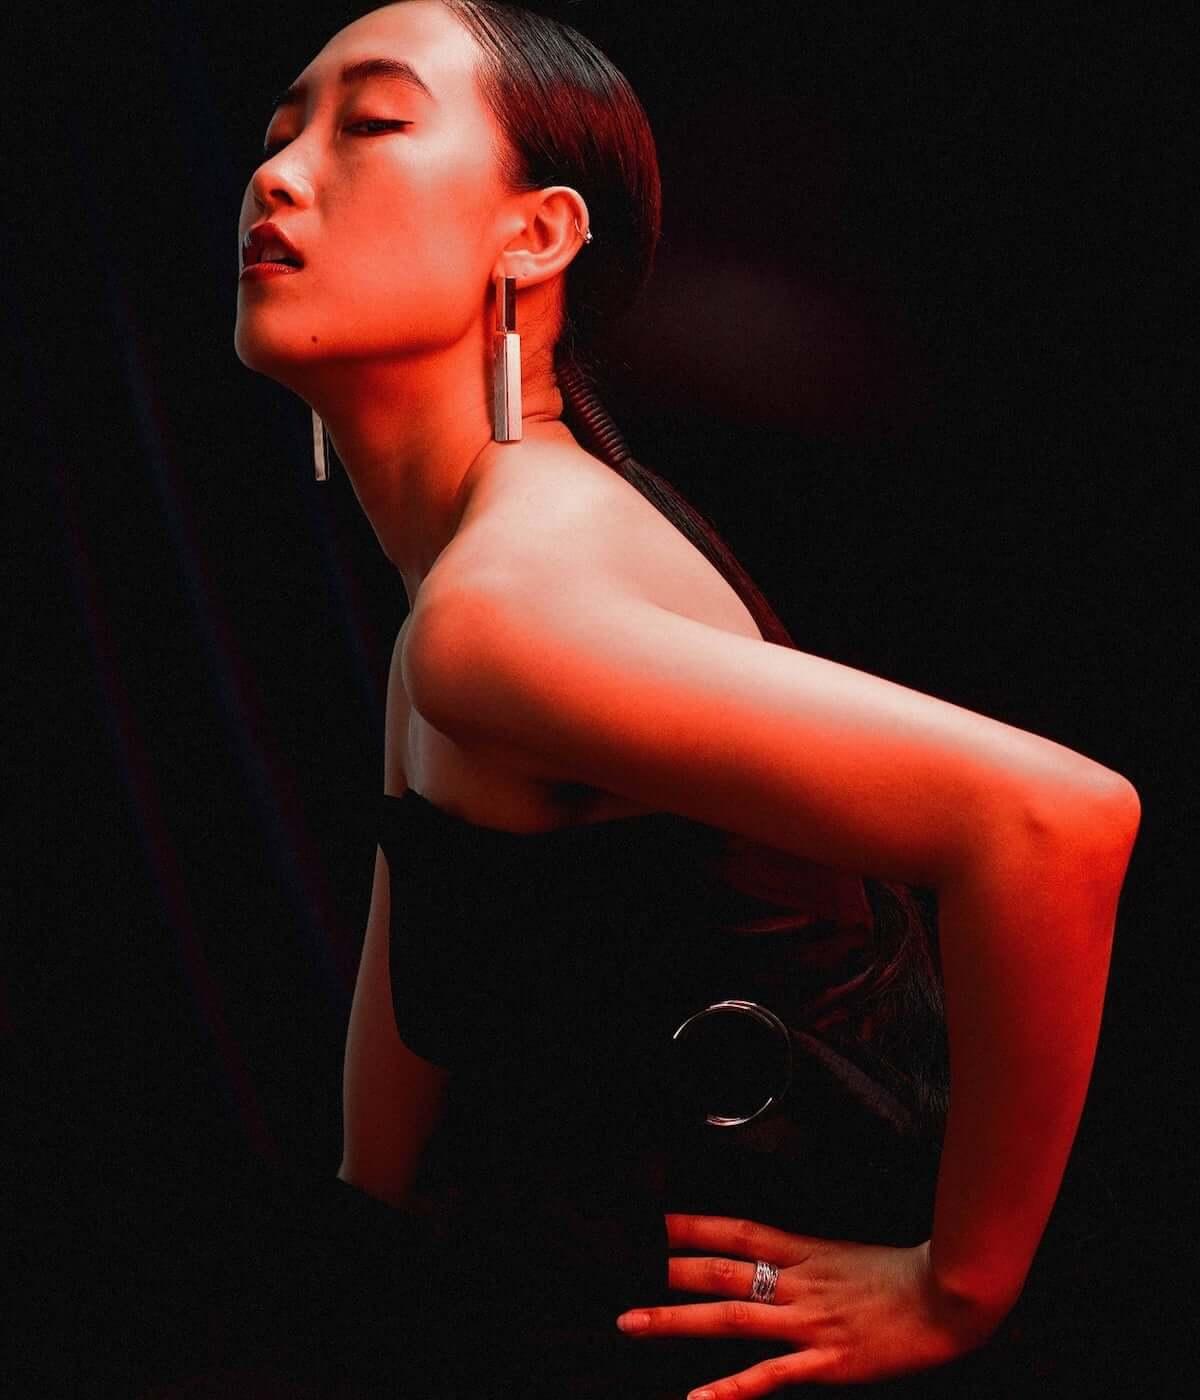 インタビュー|SuchmosもWONKもソイルも絶賛!「日本のエリカ・バドゥ」と称される最注目シンガー、Nao Kawamuraとは? intervew_naokawamura_1-1200x1400